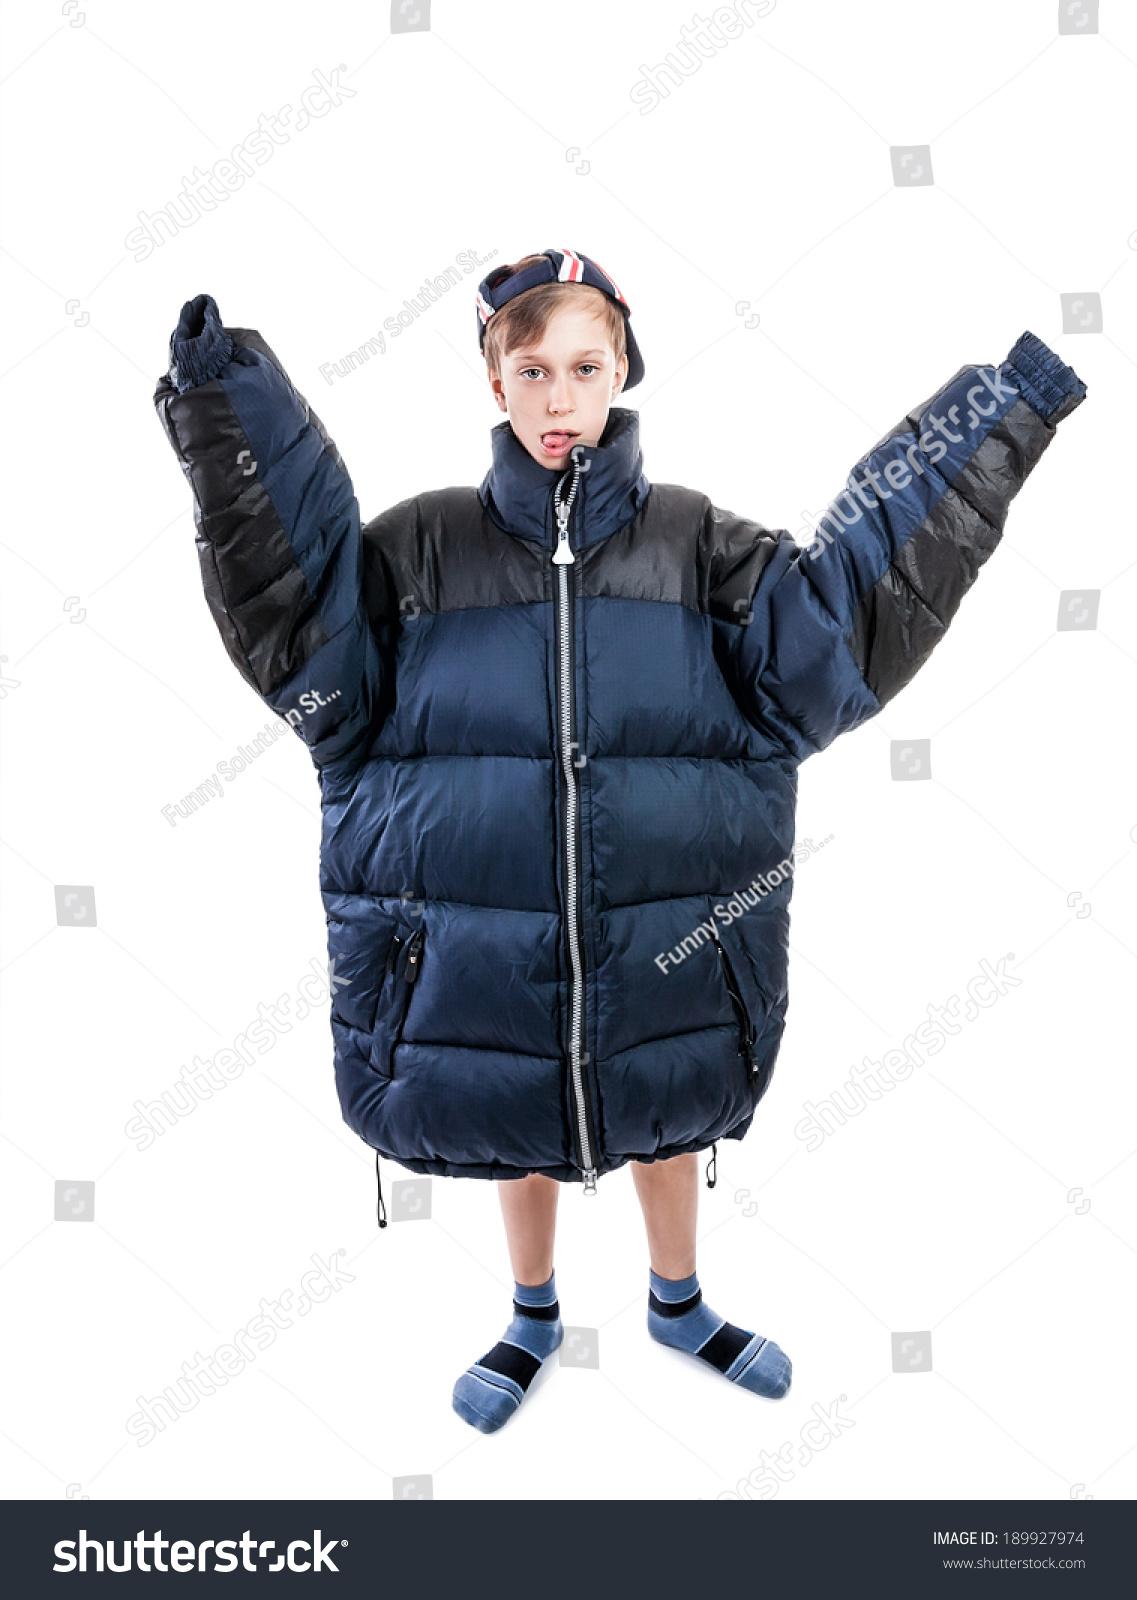 Big Winter Jacket OyNtGb